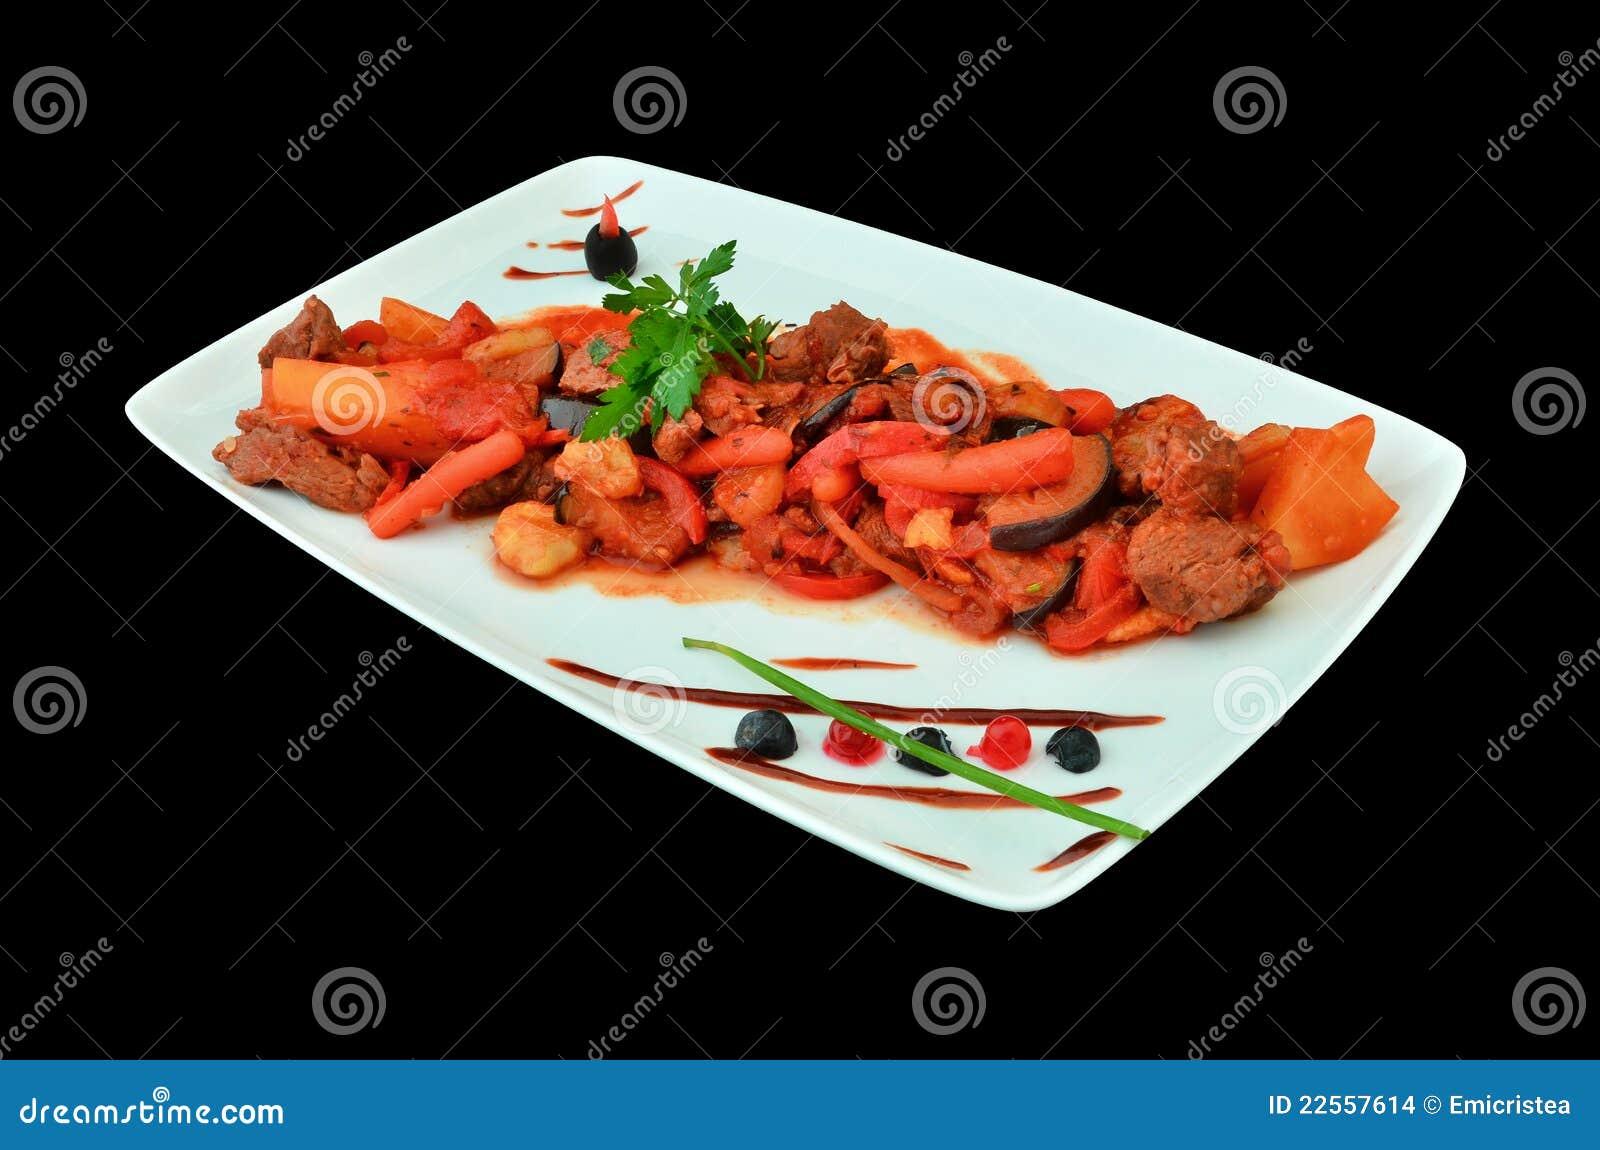 Roemeense keuken rundvlees met groenten en saus stock afbeeldingen afbeelding 22557614 - Traditionele keukens ...